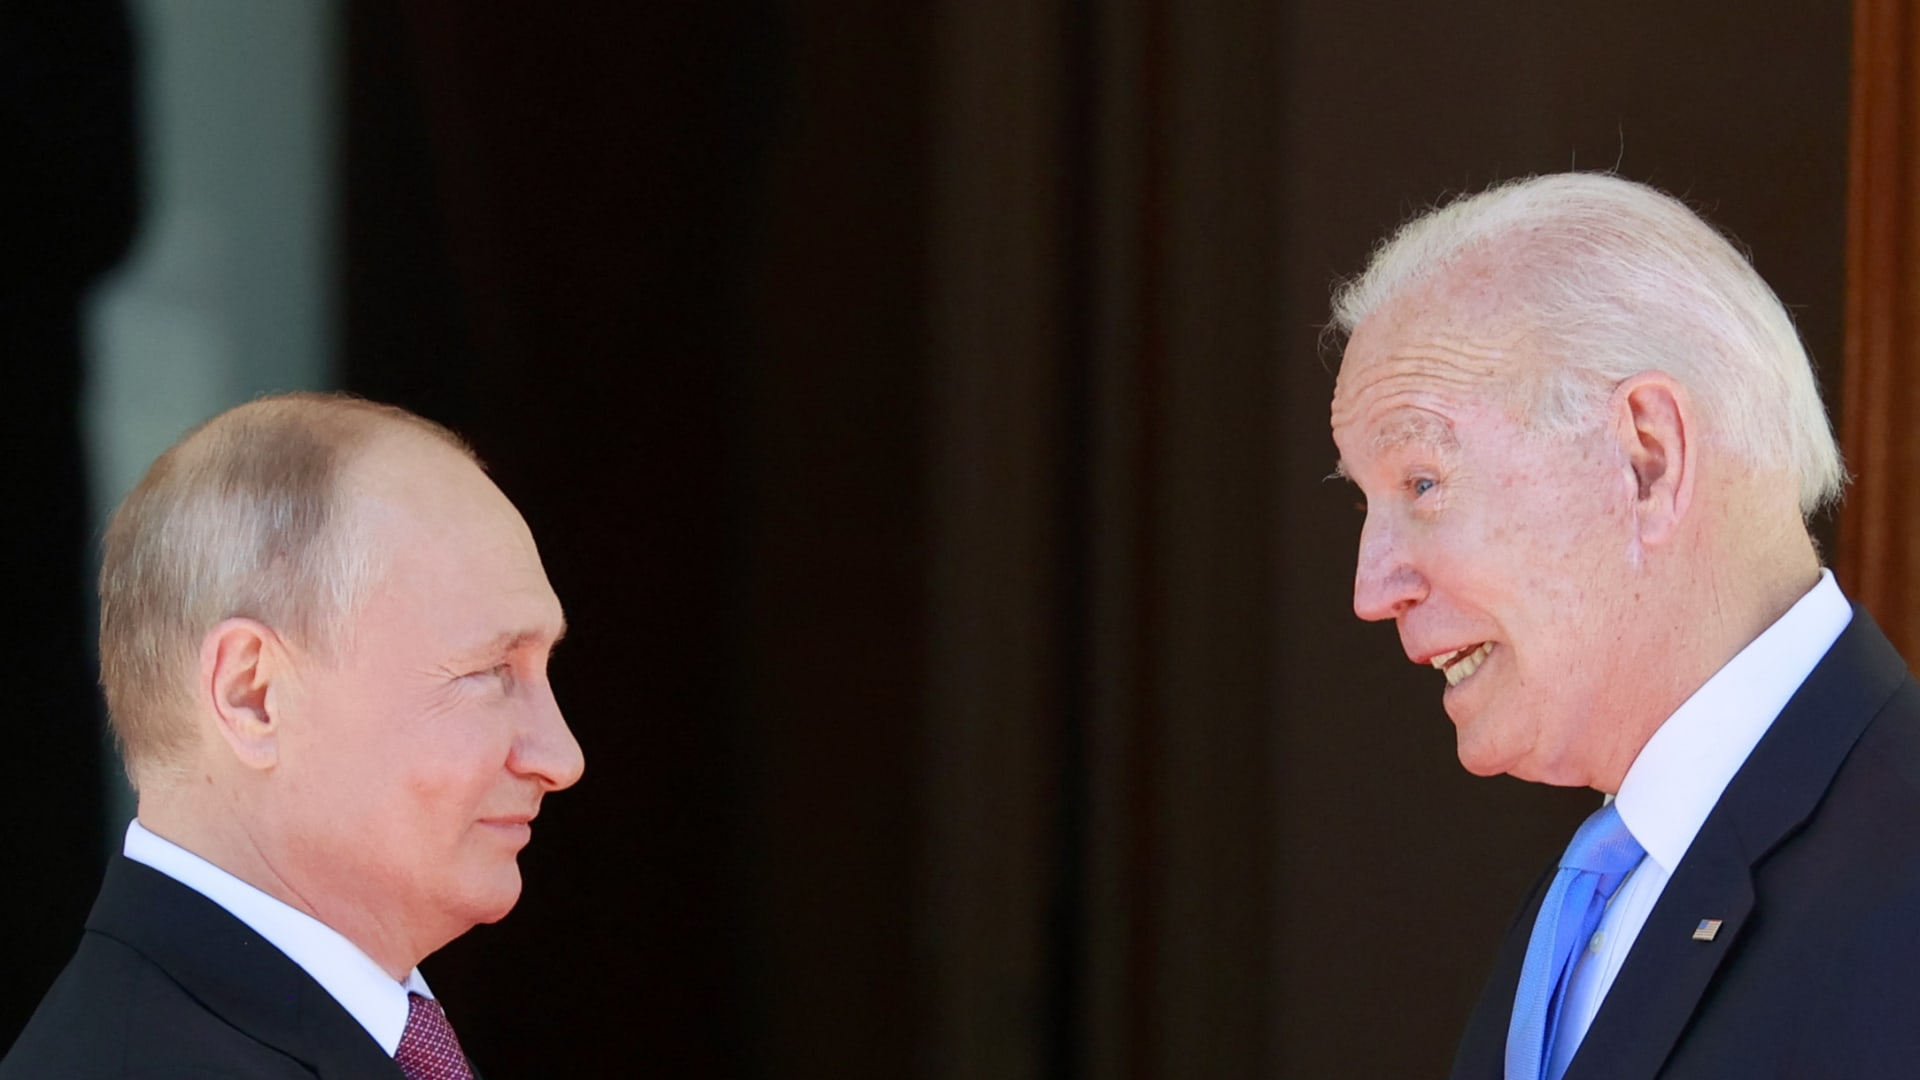 الرئيس الروسي فلاديمير بوتين (إلى اليسار) يصافح الرئيس الأمريكي جو بايدن قبل لقائهما في 'فيلا لاجرانج' في جنيف في 16 يونيو 2021